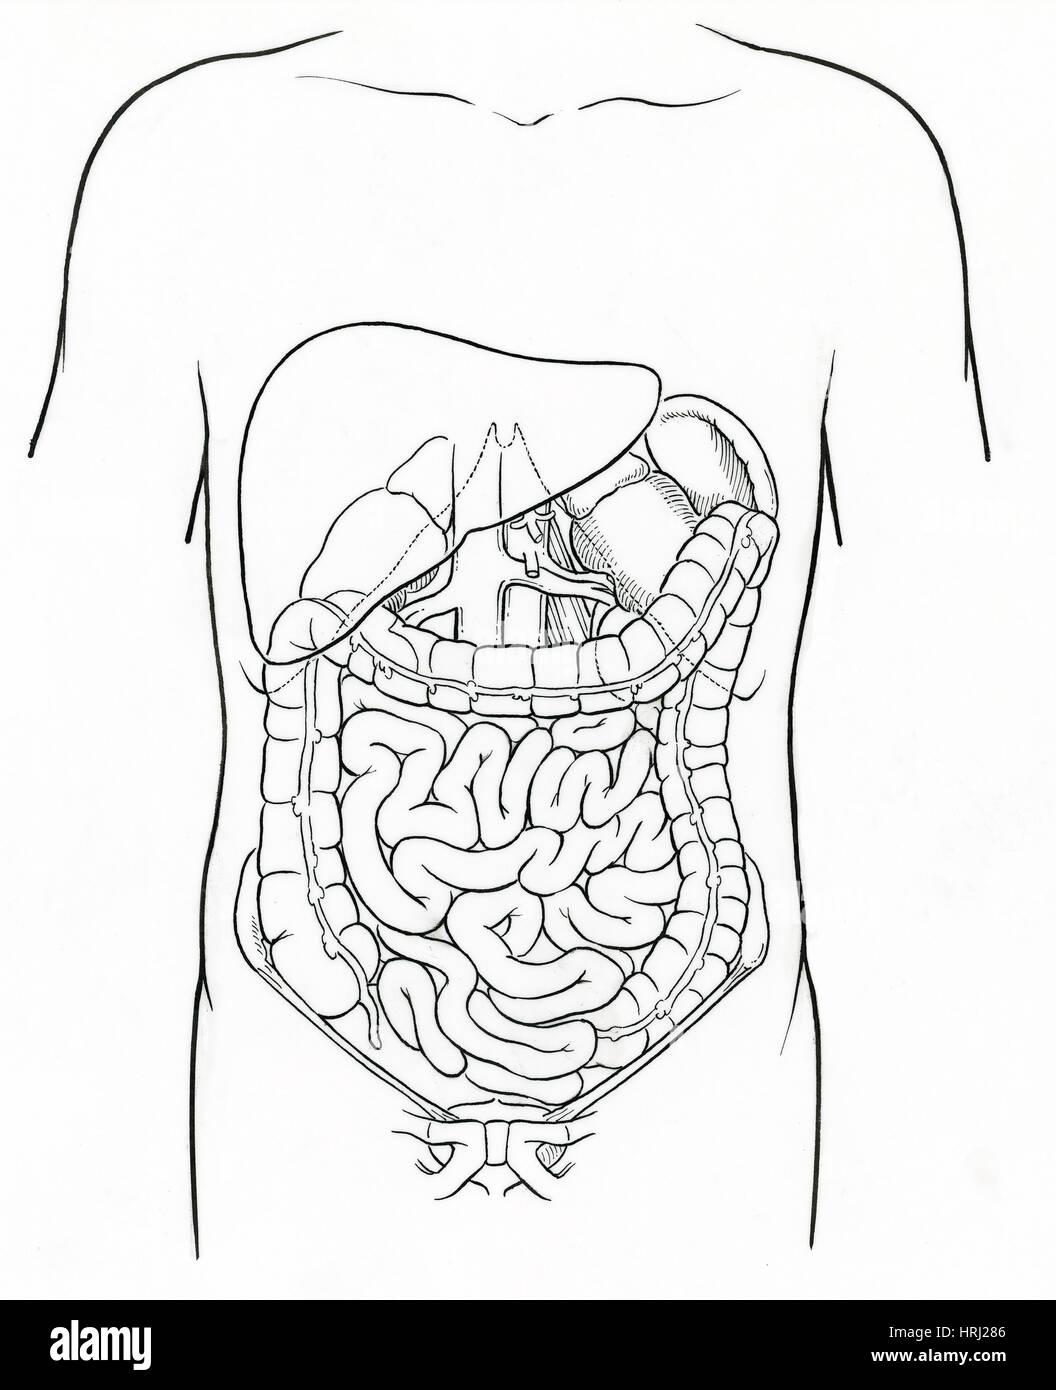 Abbildung des Abdomens Stockbild